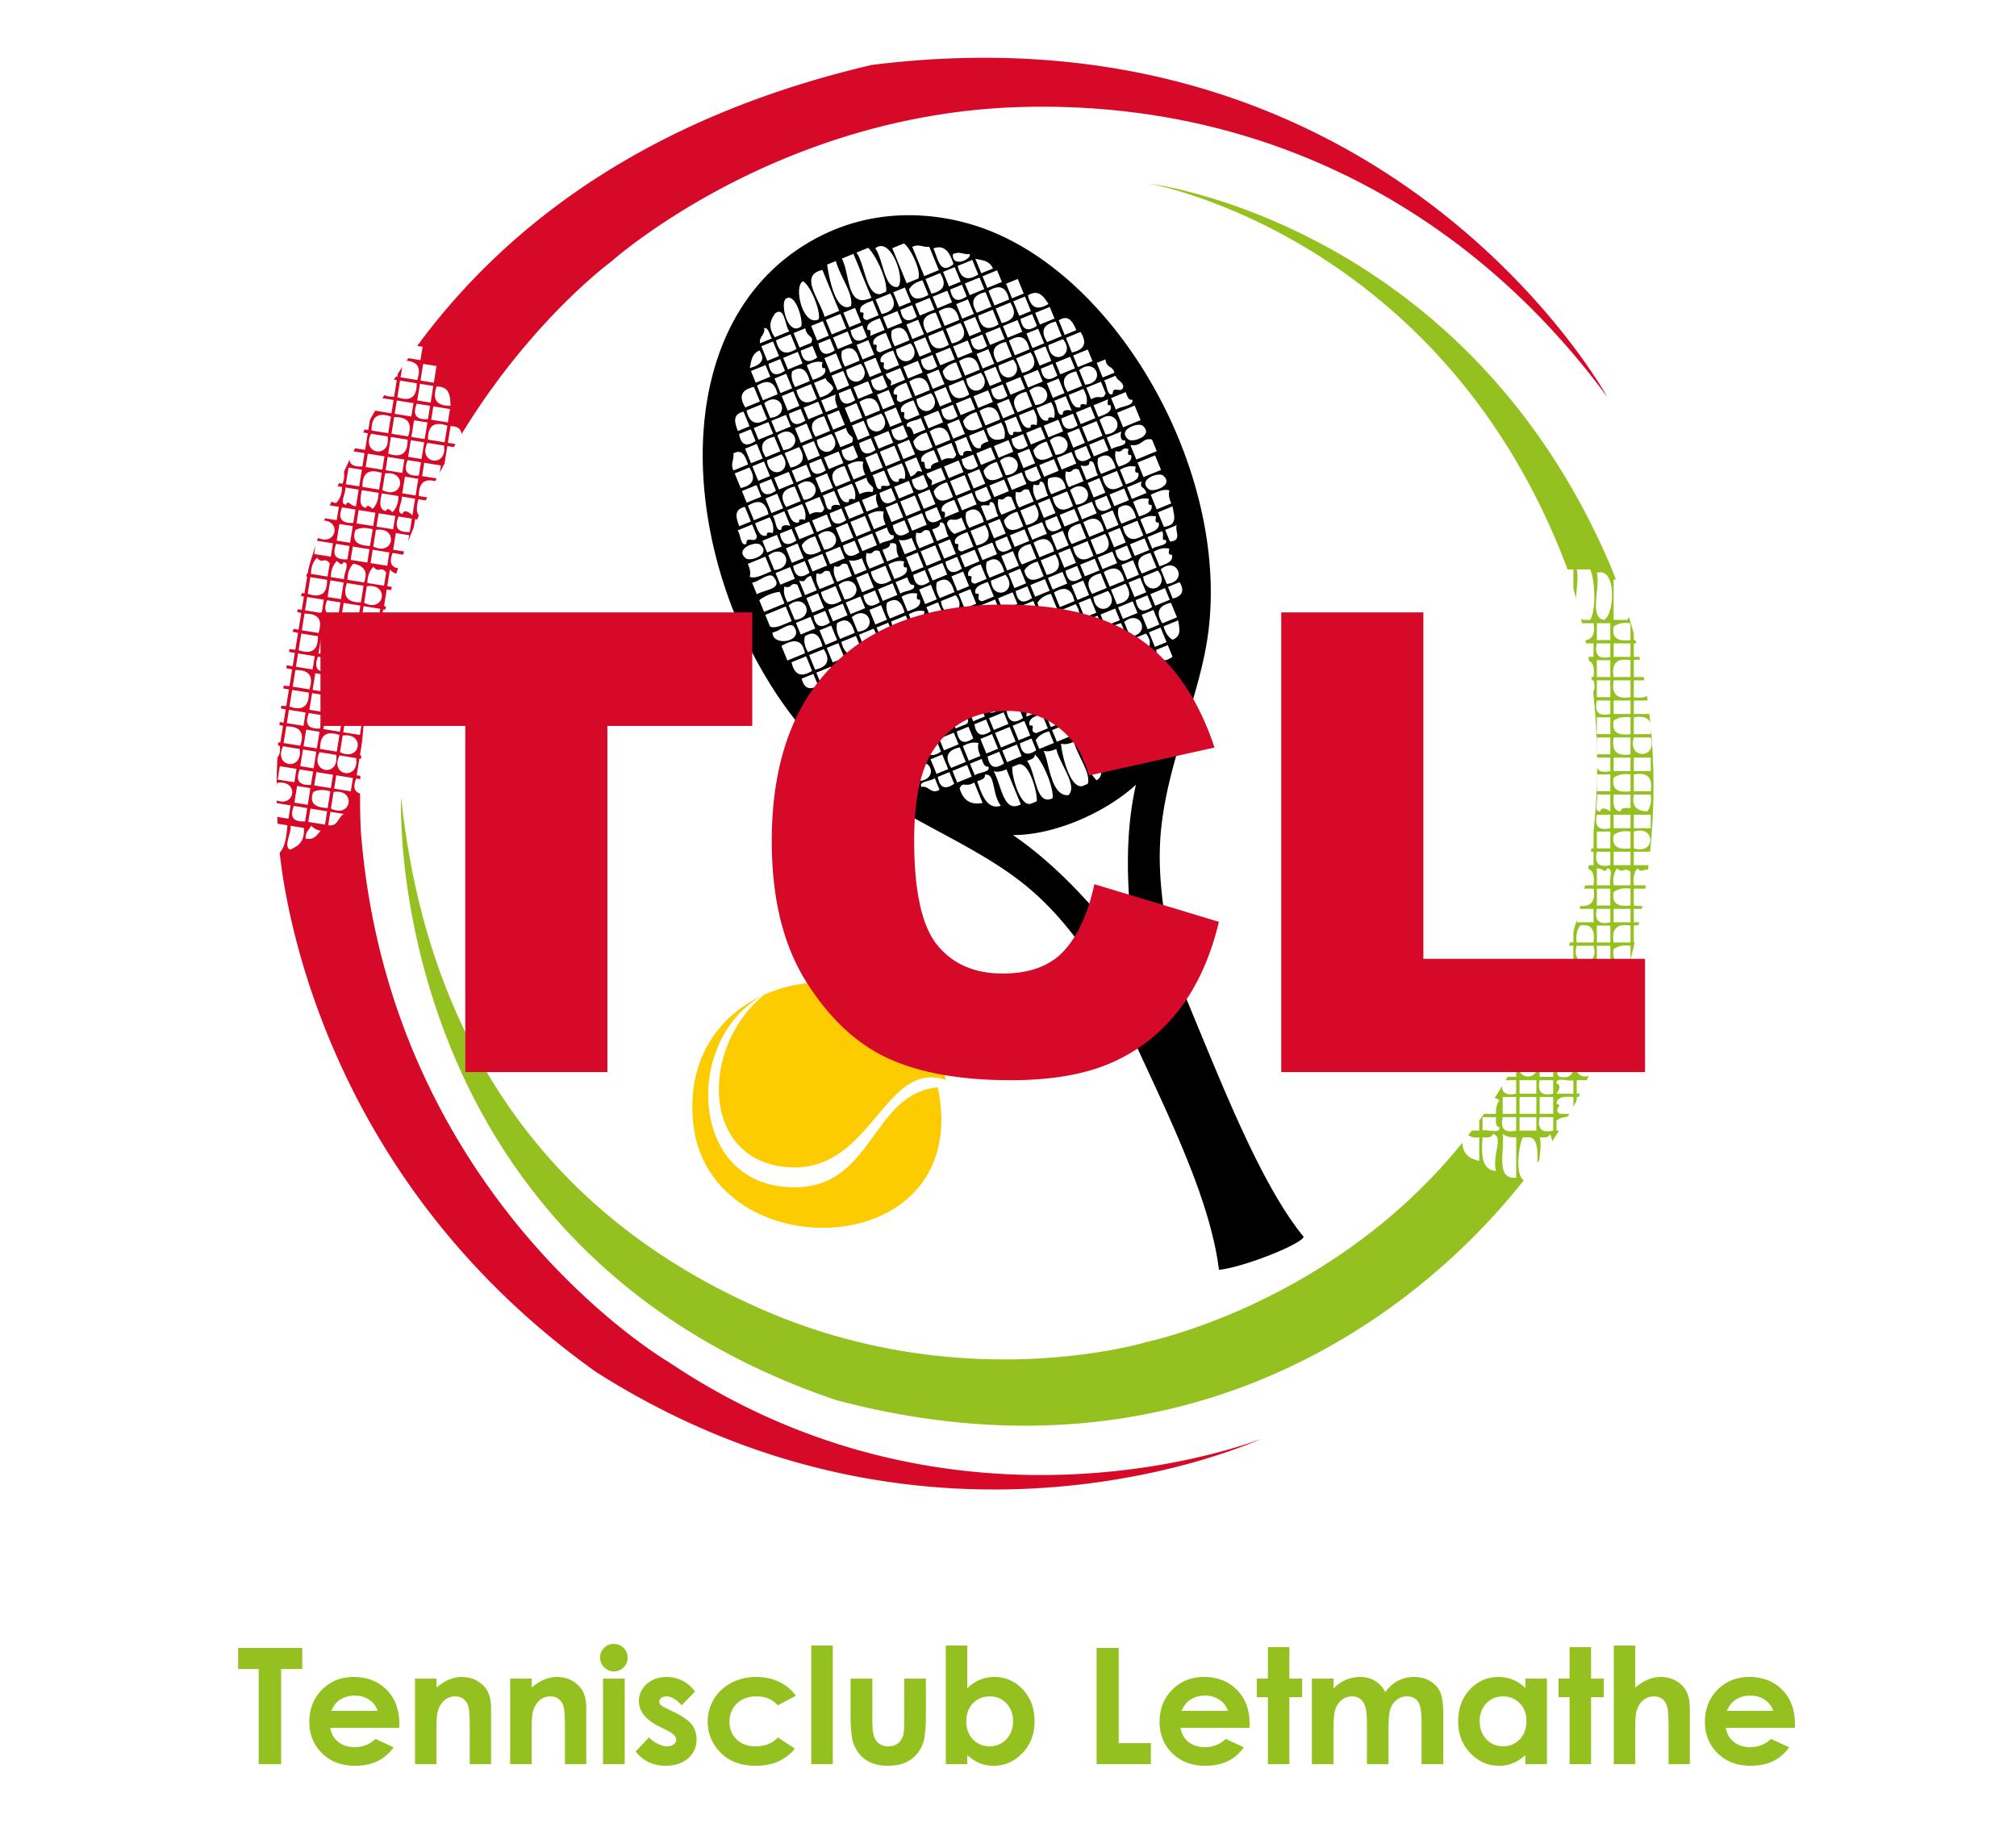 Tennisclub Letmathe